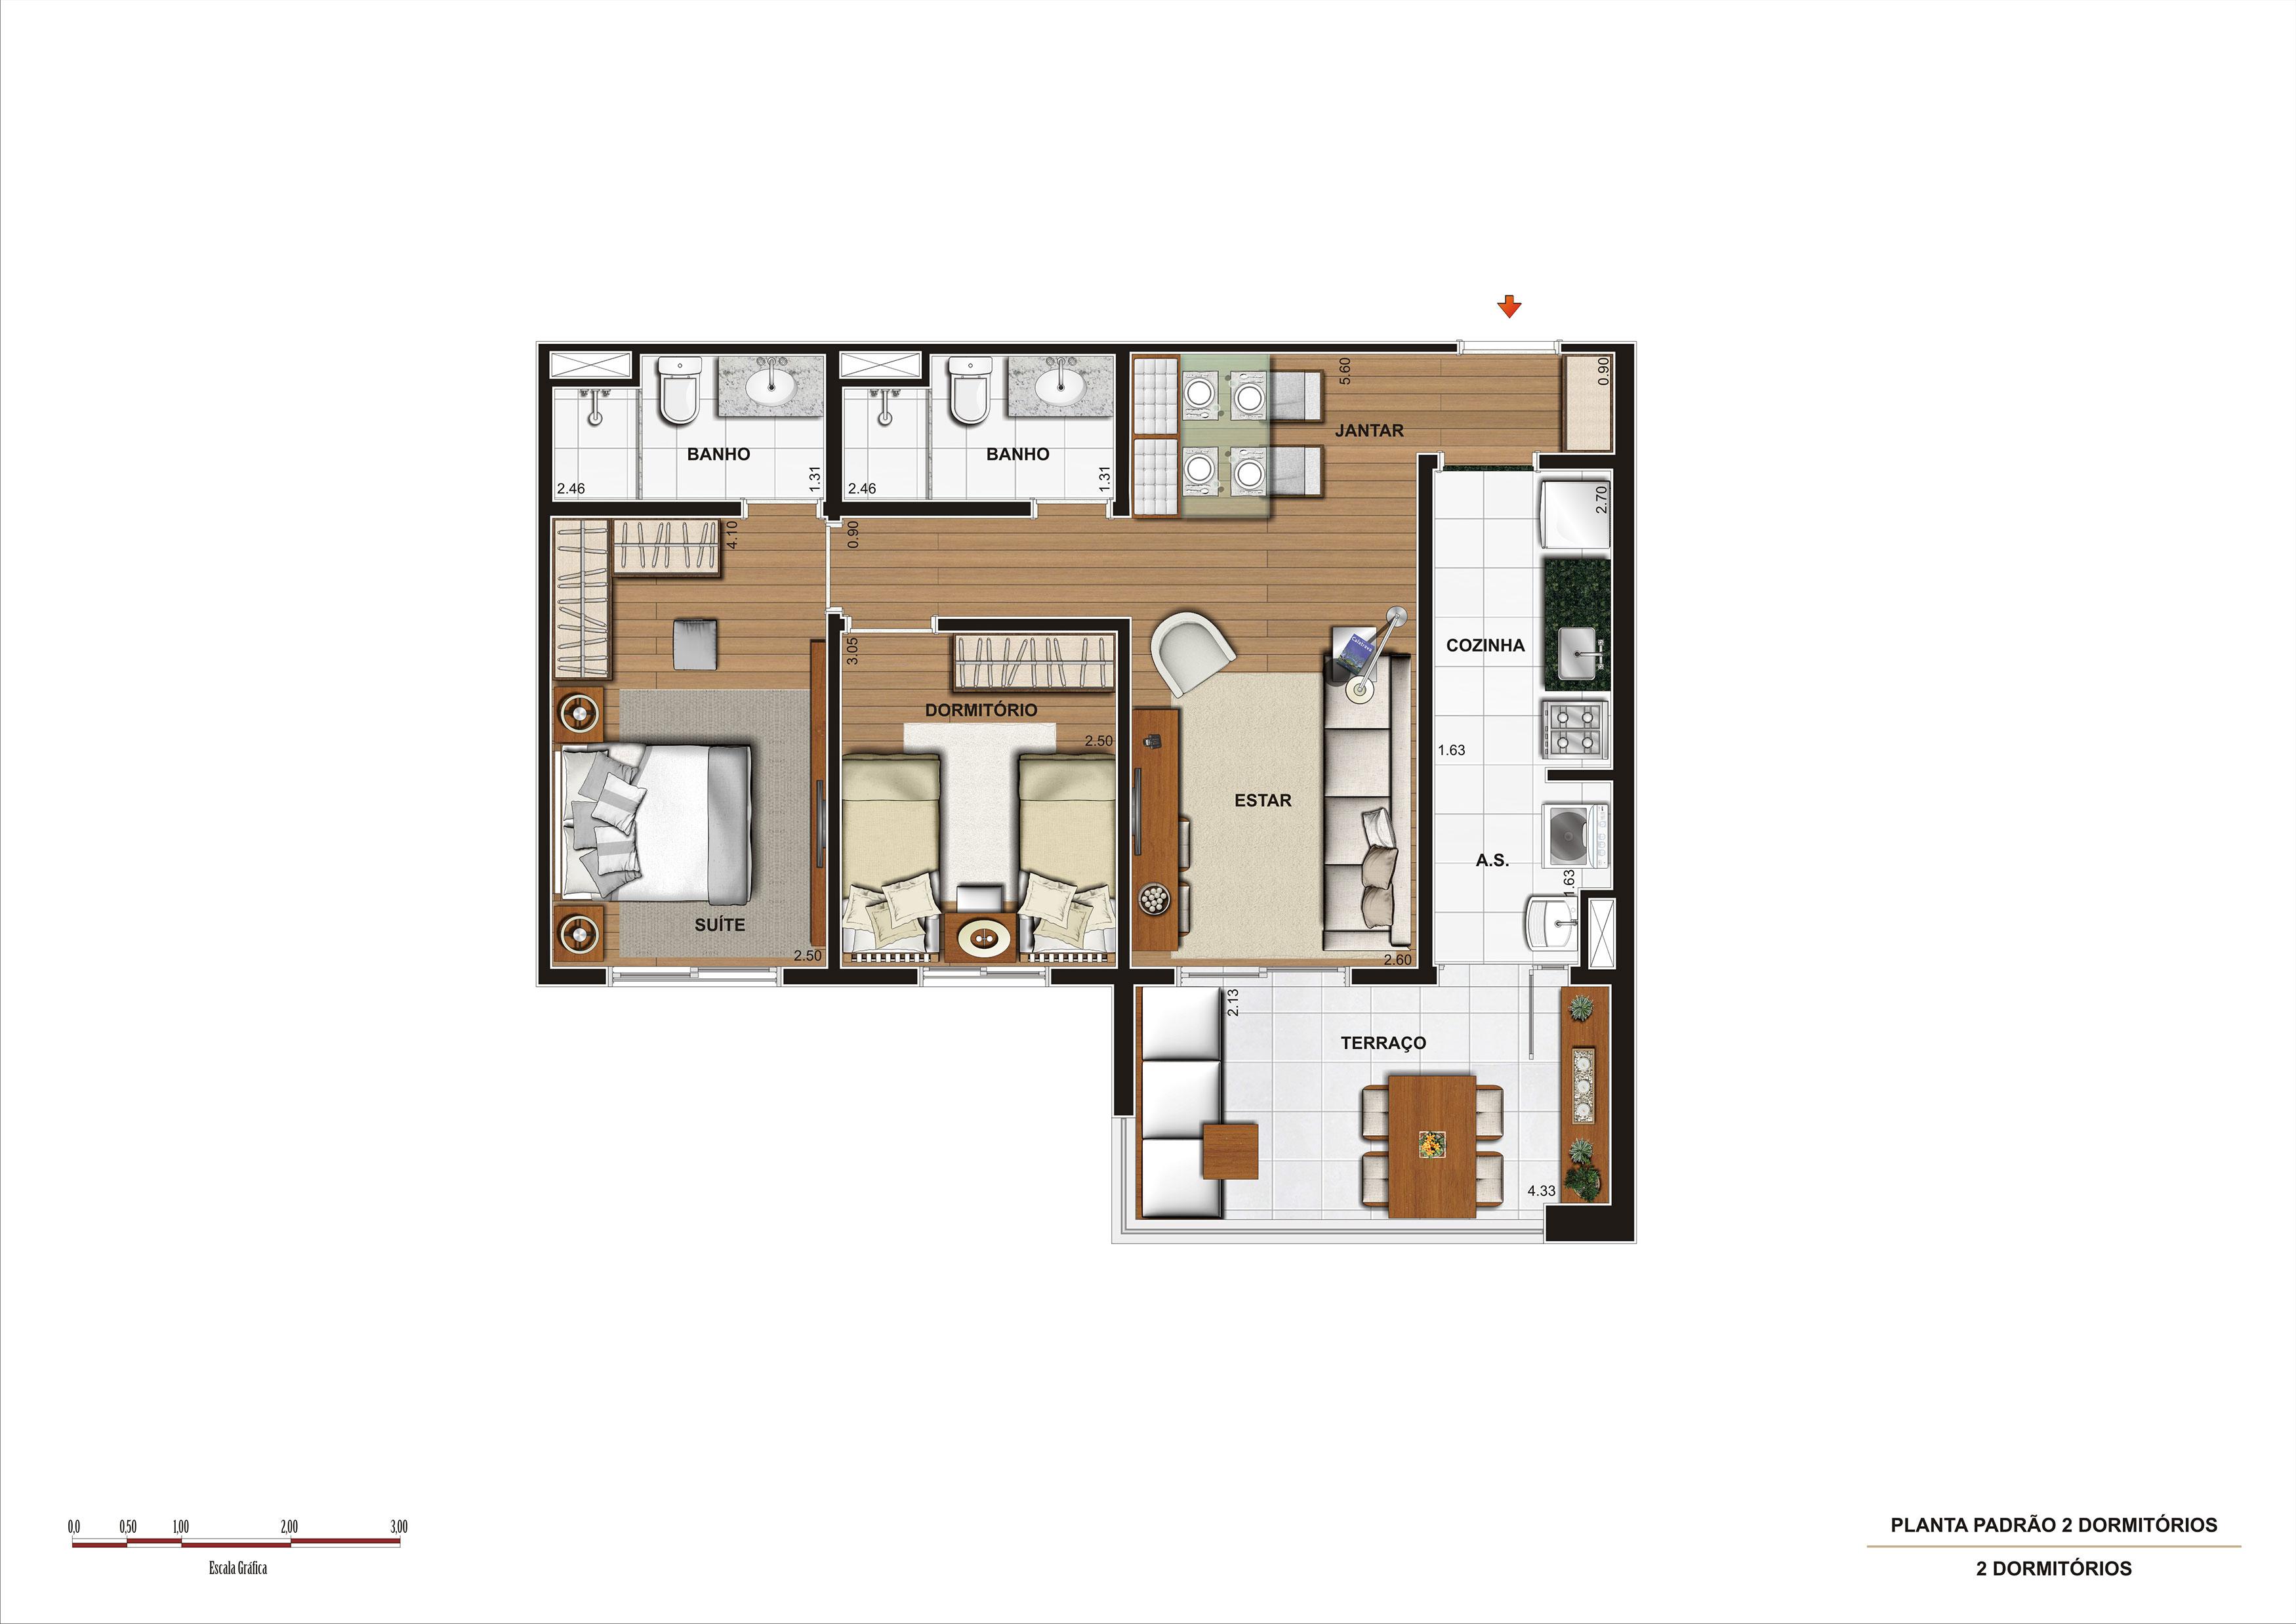 69 m² - 2 dorms - apto tipo